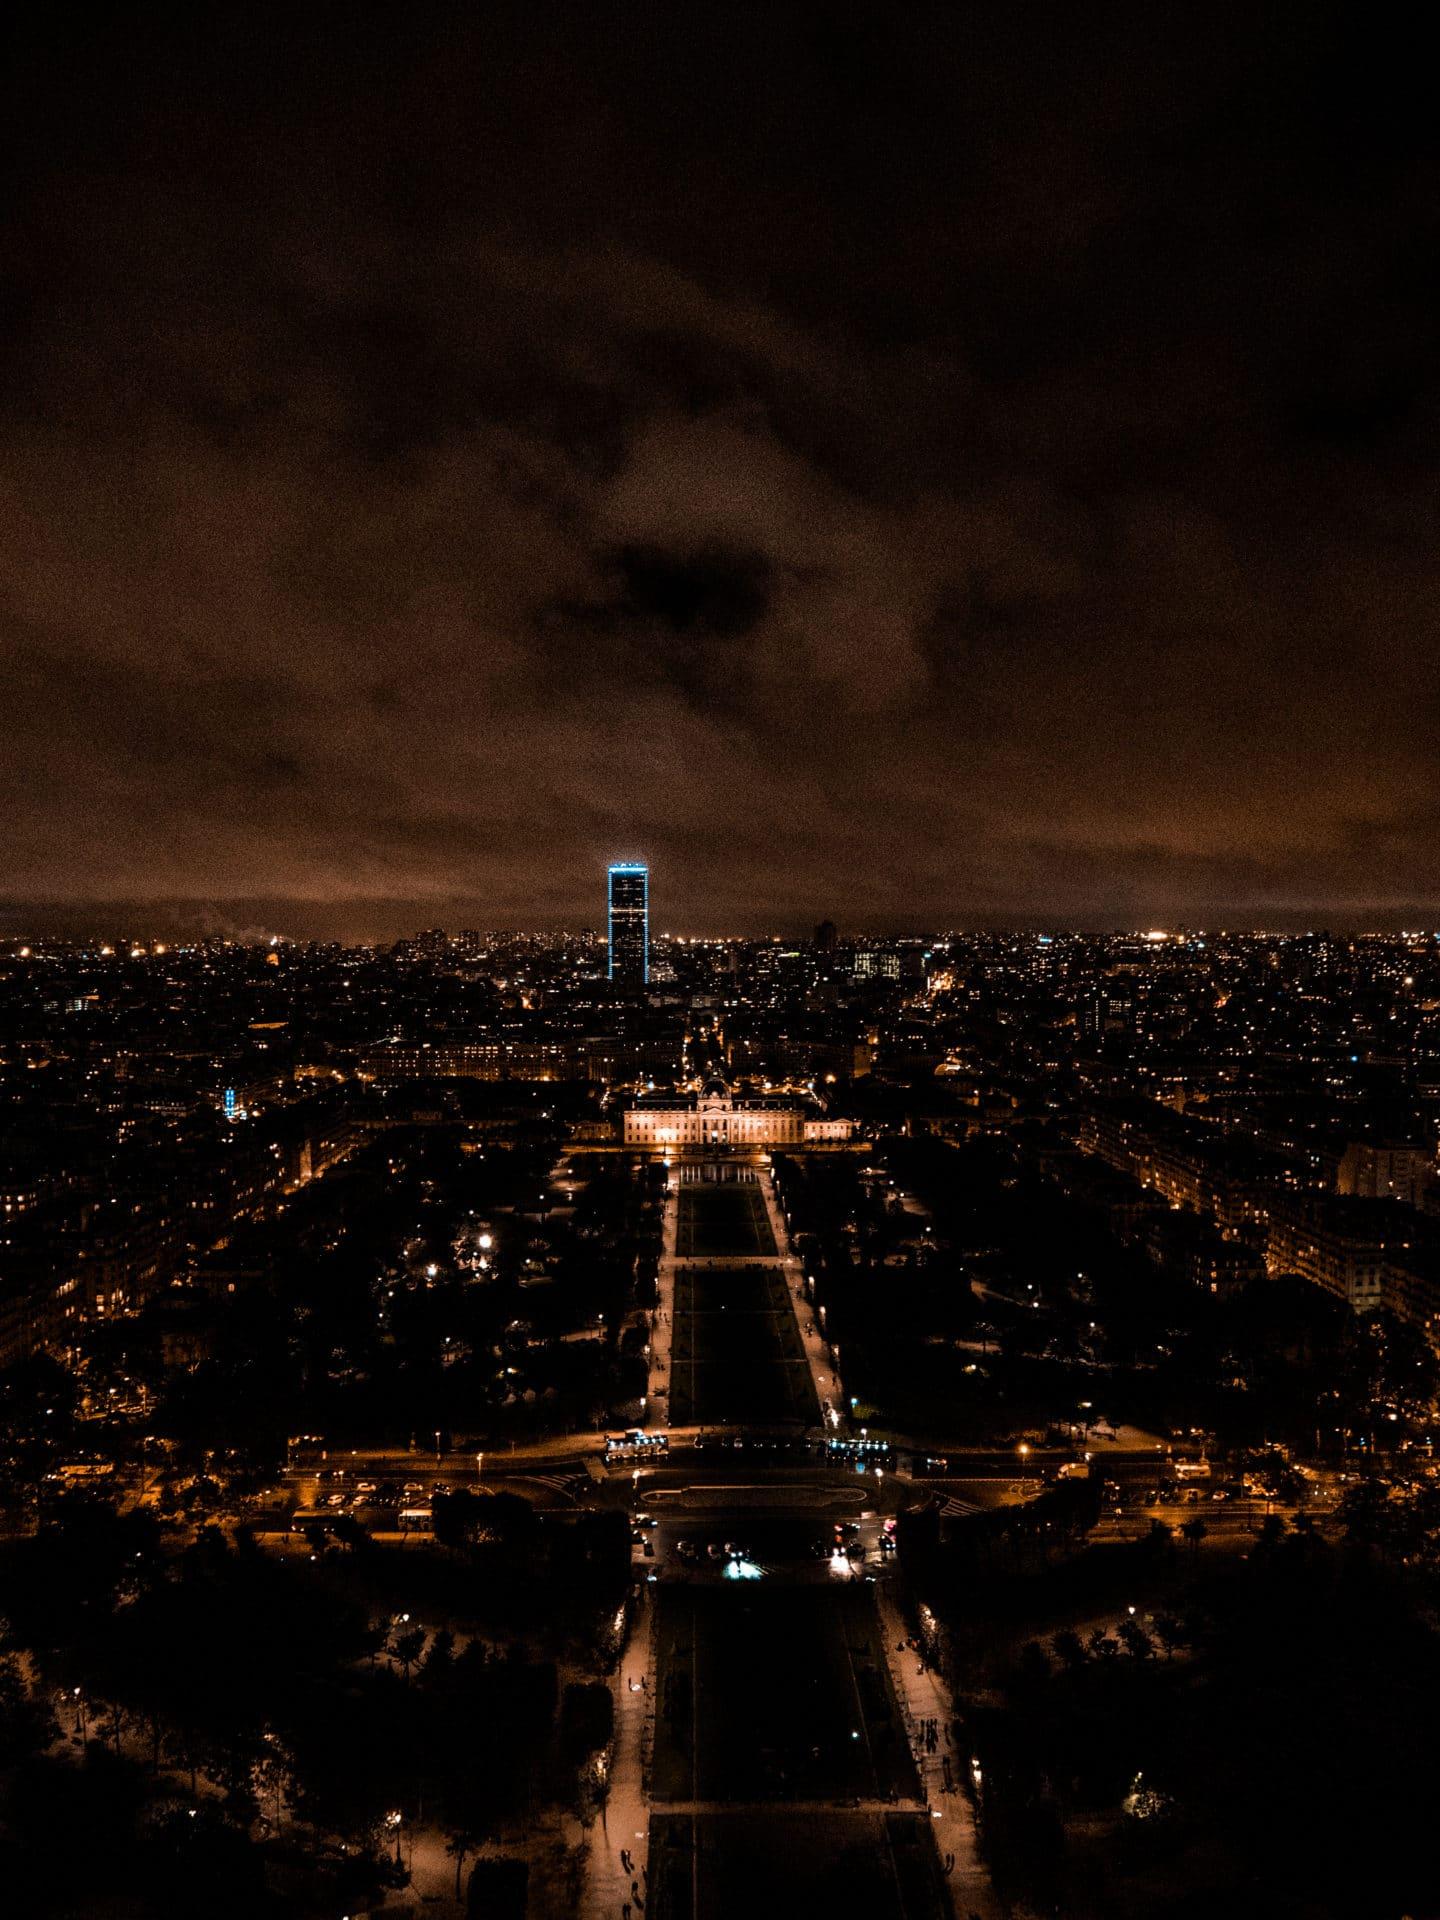 Ausblick Eifelturm bei Nacht